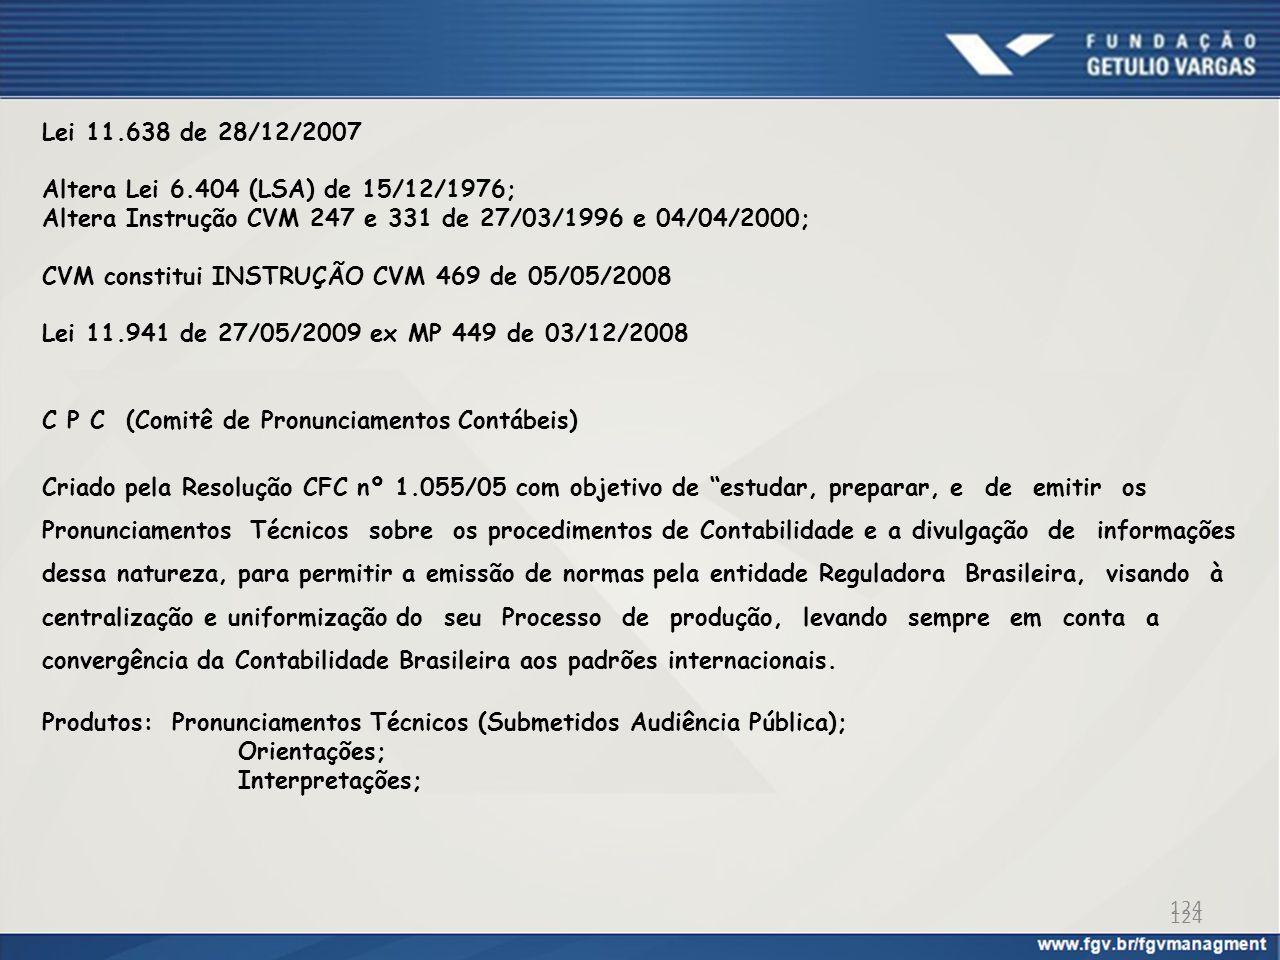 124 Lei 11.638 de 28/12/2007 Altera Lei 6.404 (LSA) de 15/12/1976; Altera Instrução CVM 247 e 331 de 27/03/1996 e 04/04/2000; CVM constitui INSTRUÇÃO